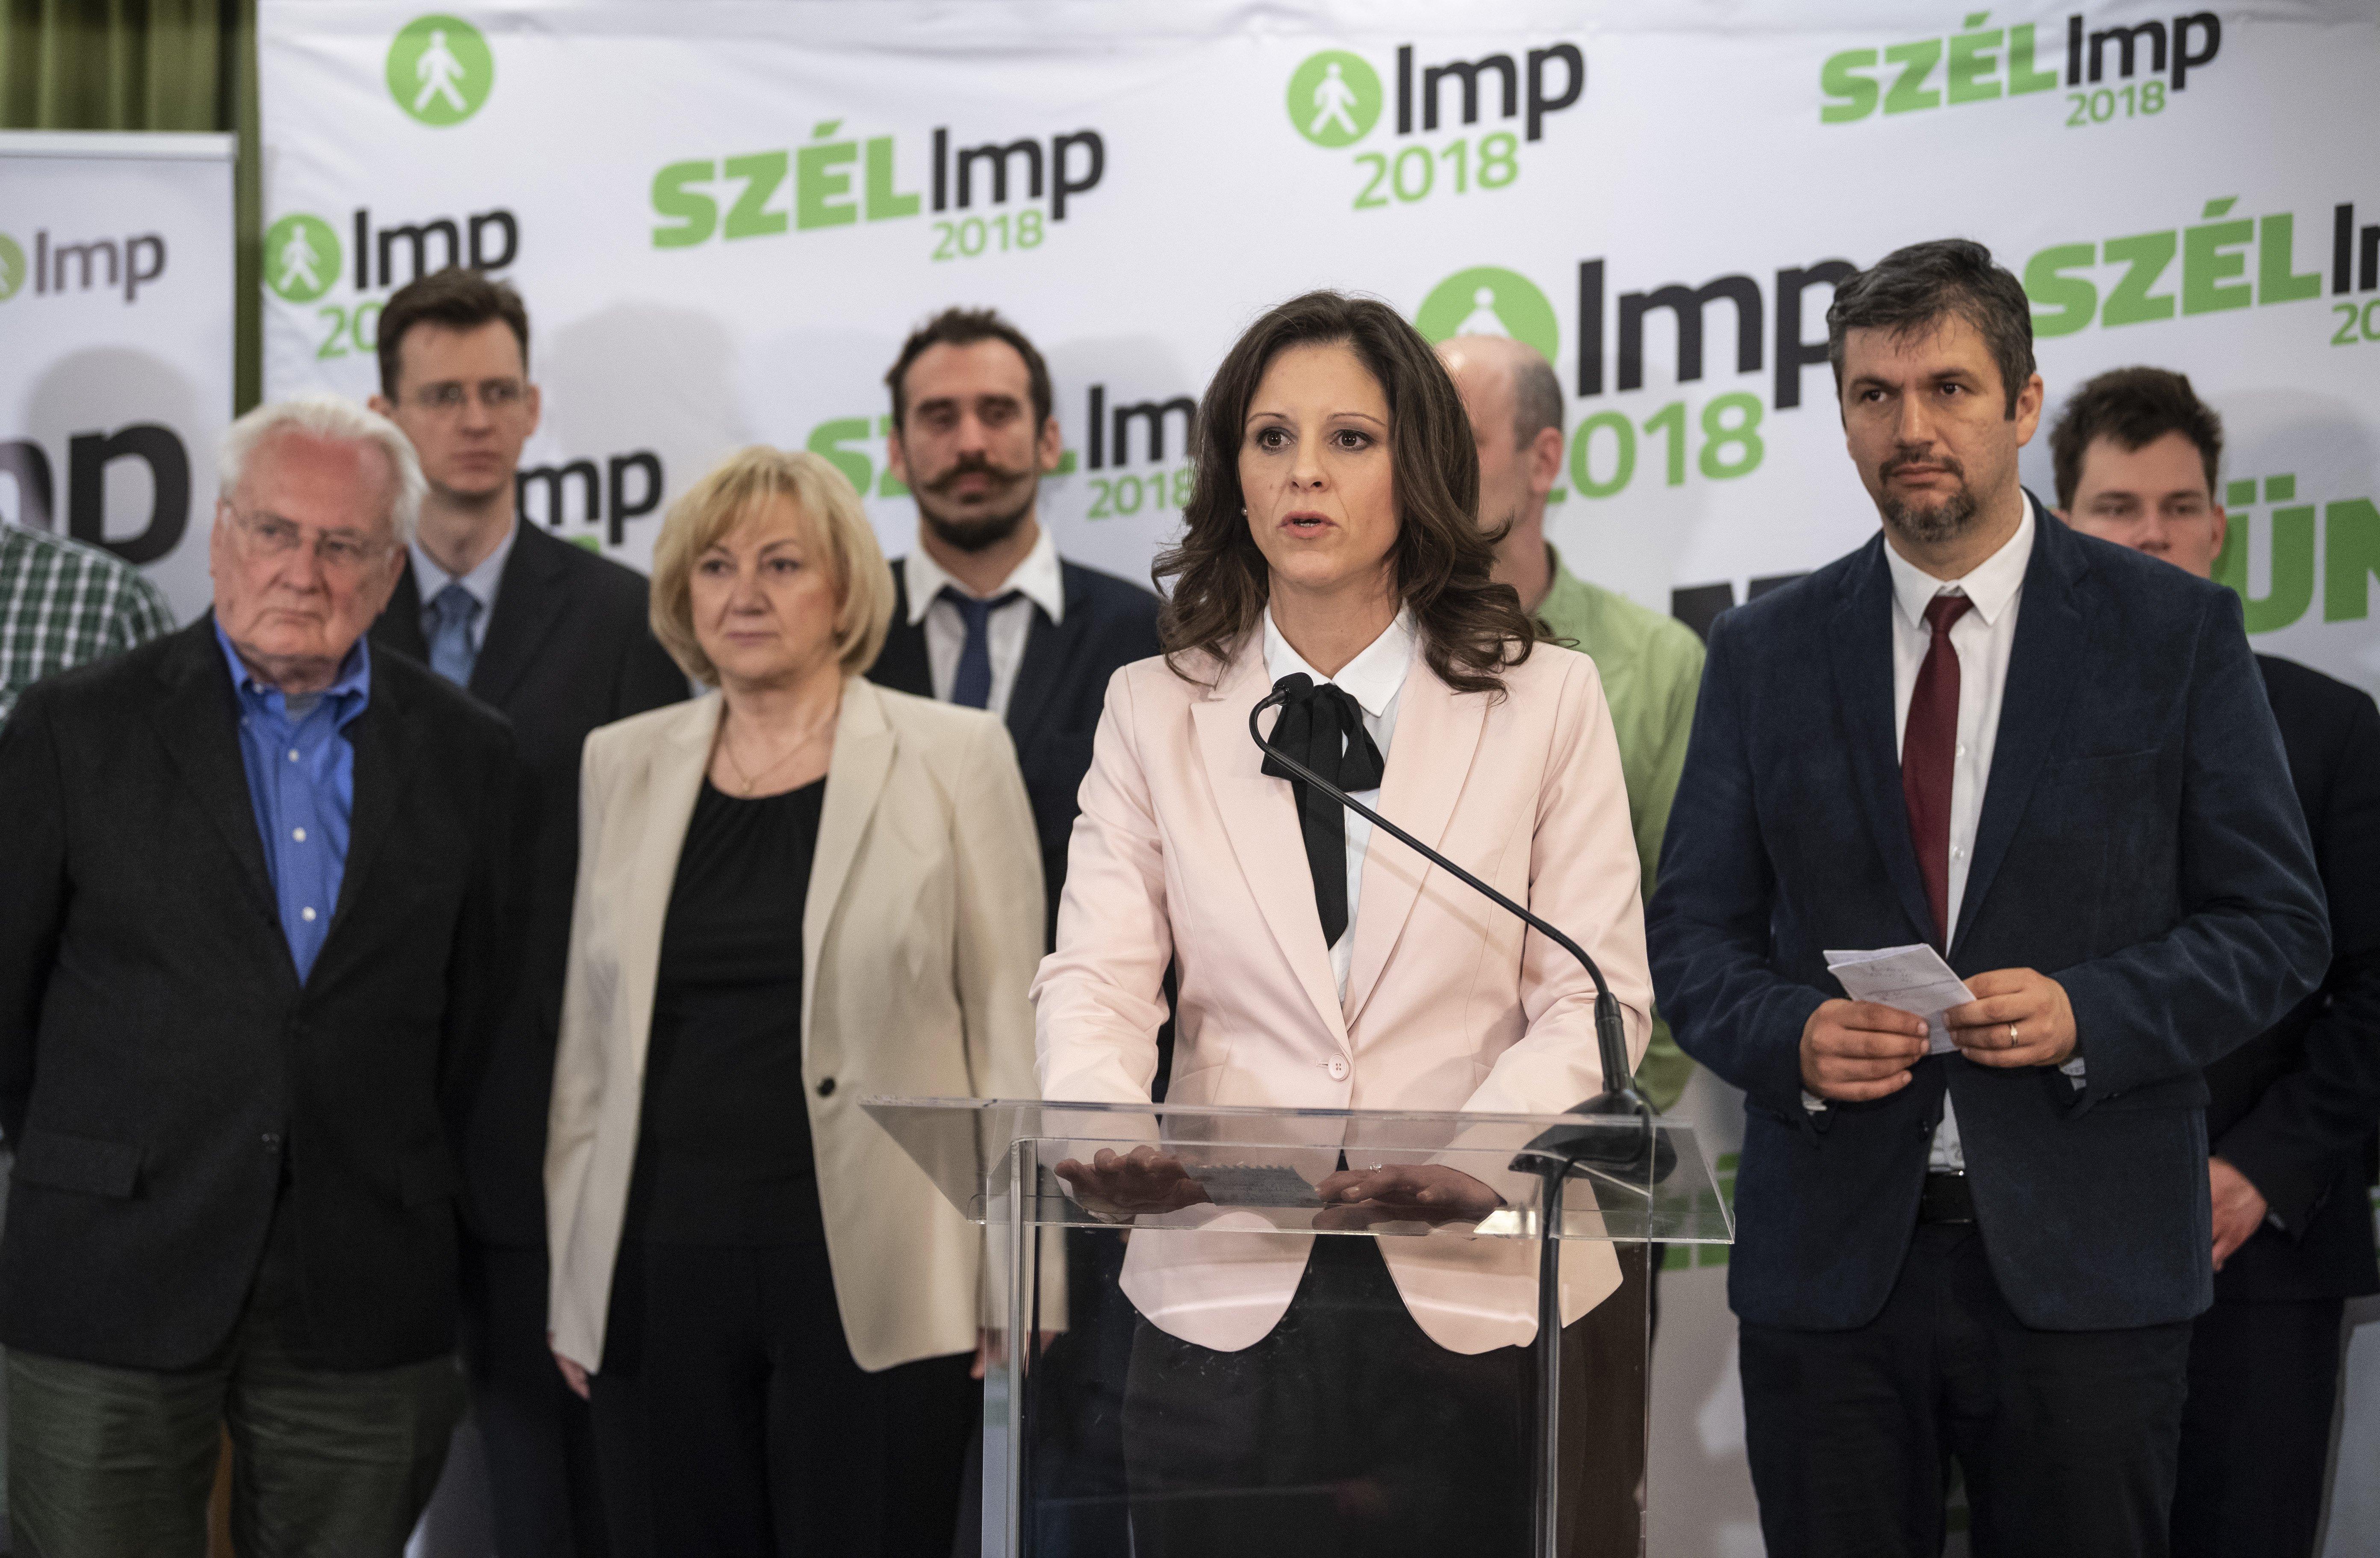 Újabb fegyelmi eljárás indul Szél Bernadett ellen, mert kimondta, hogy ő megszavazná a Sargentini-jelentést